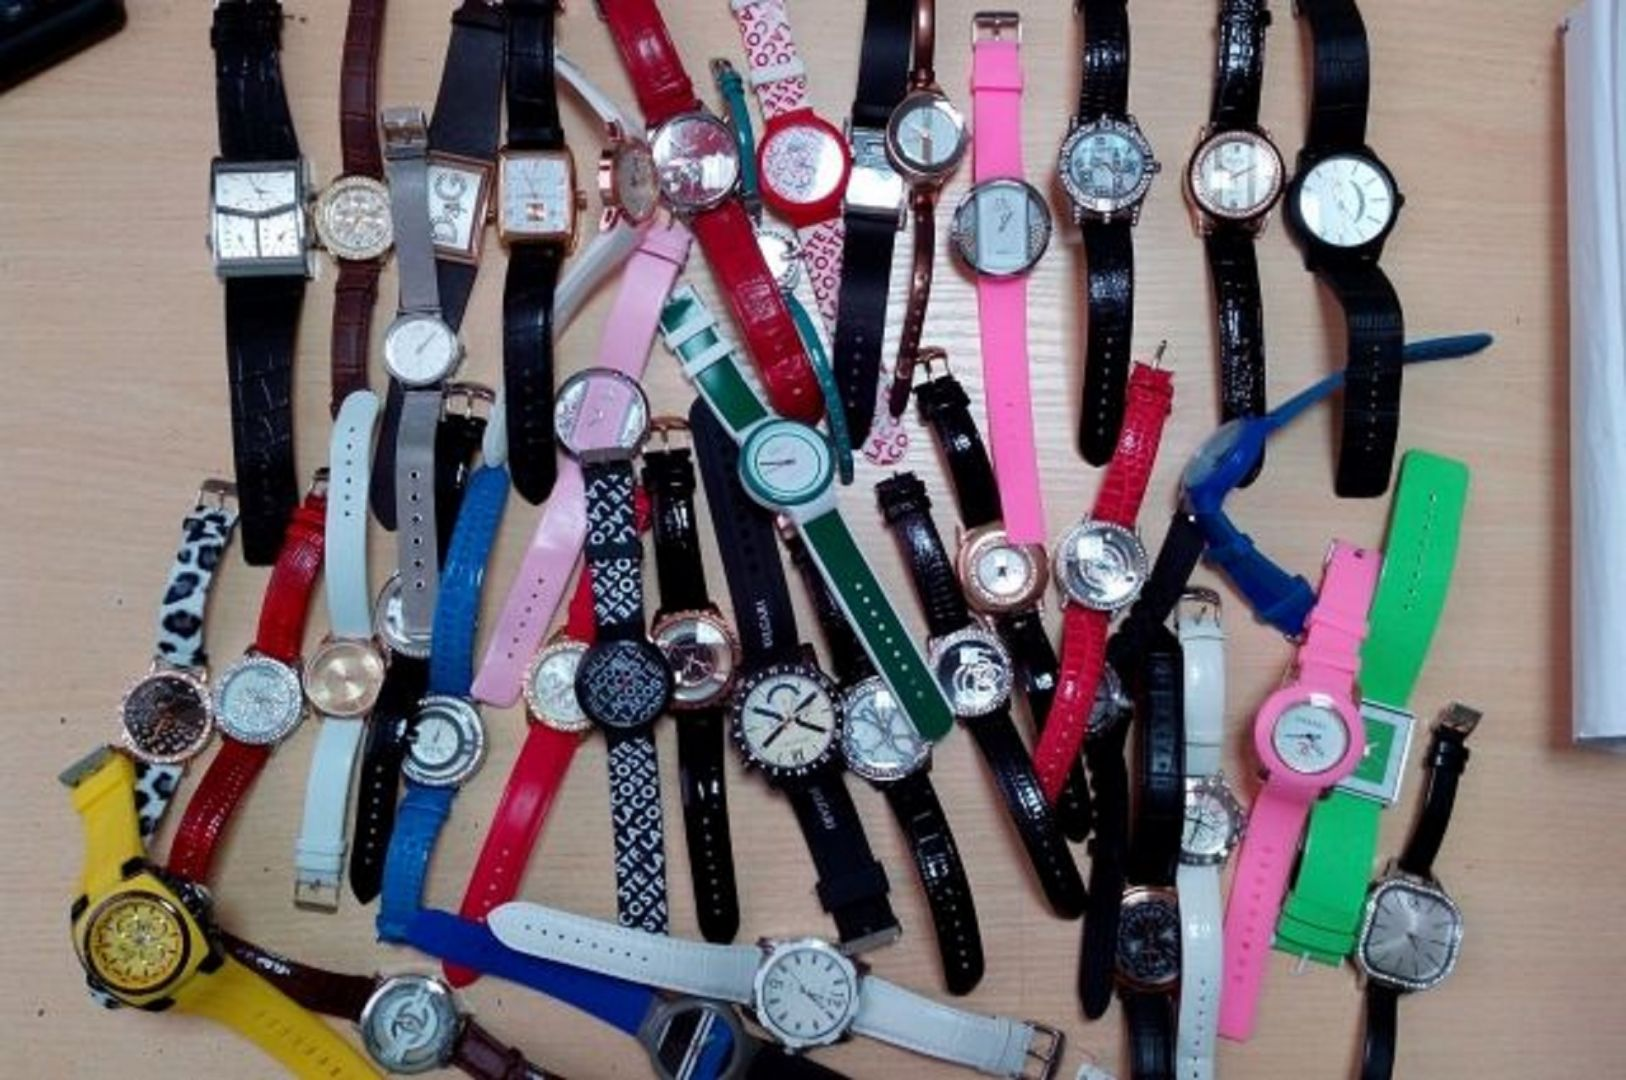 У продавца на Ставрополье изъяли поддельные часы на миллион рублей